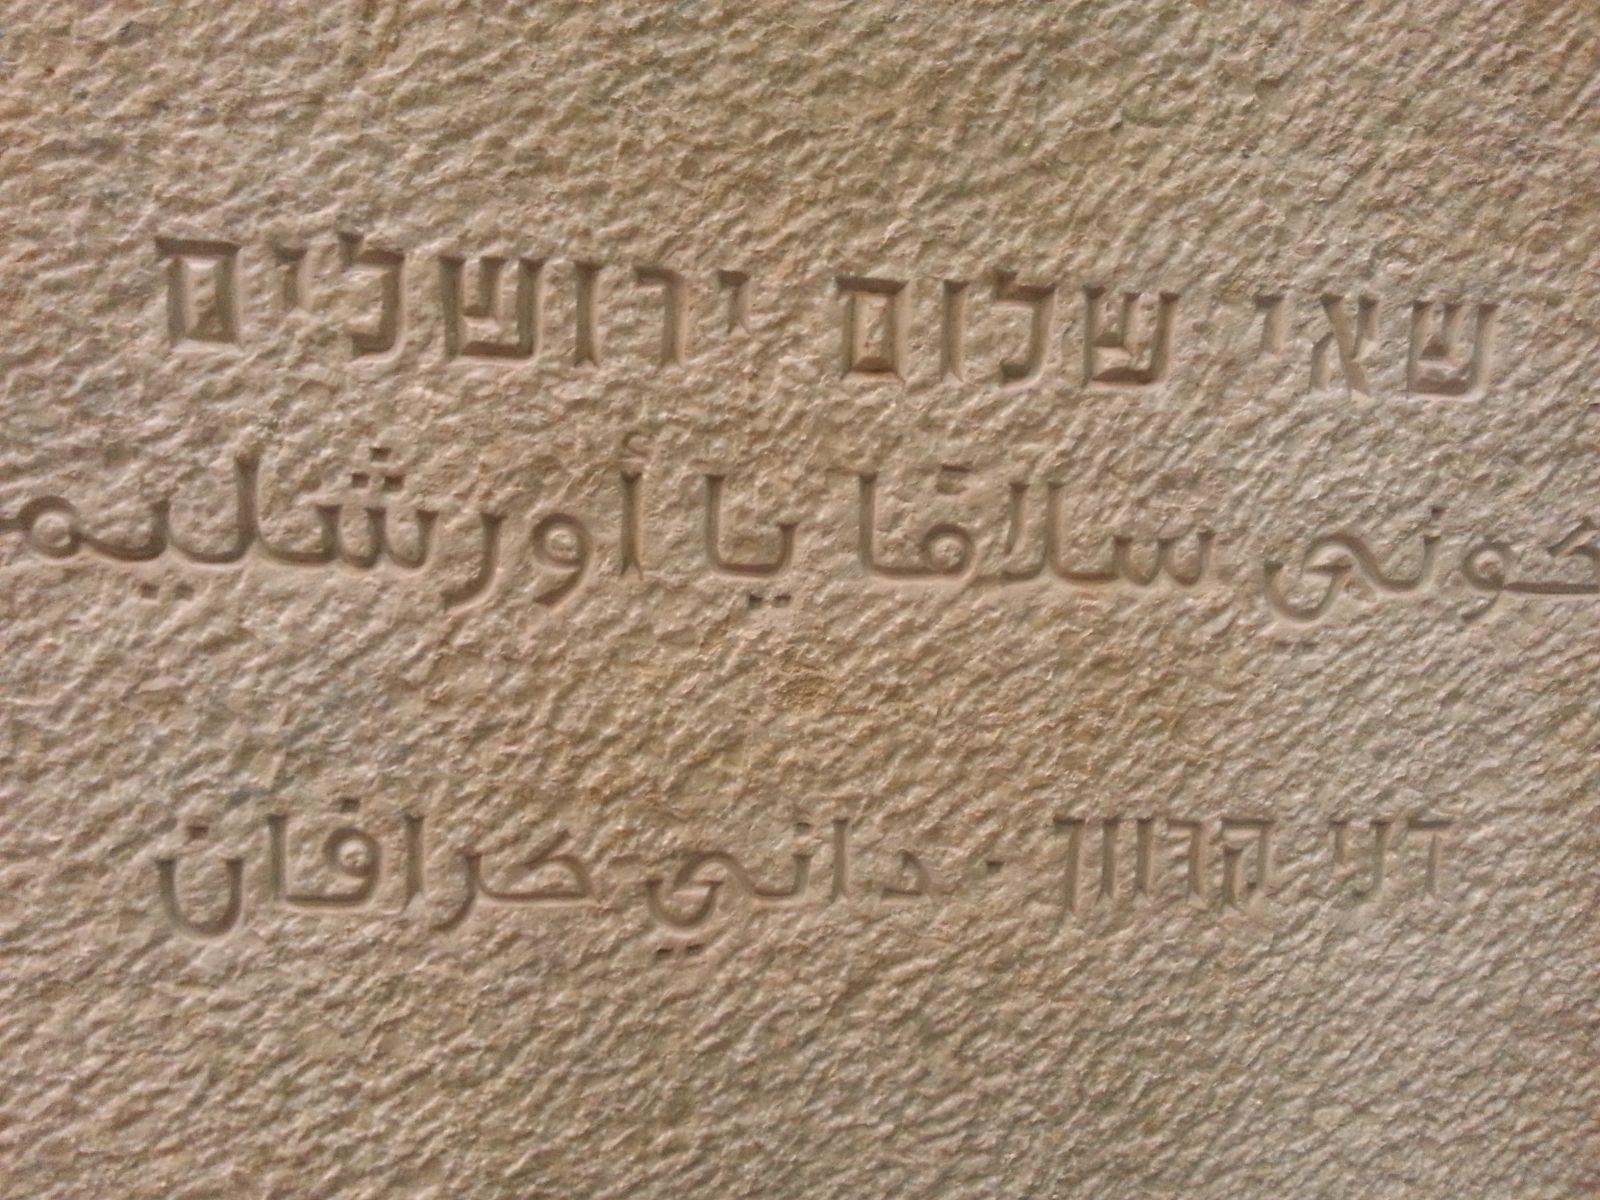 """""""'שלום?!', הוא אמר, 'זה פוליטיקה, את זה אי-אפשר לכתוב על קיר בכנסת'"""" (צילום: דוברות הכנסת)"""